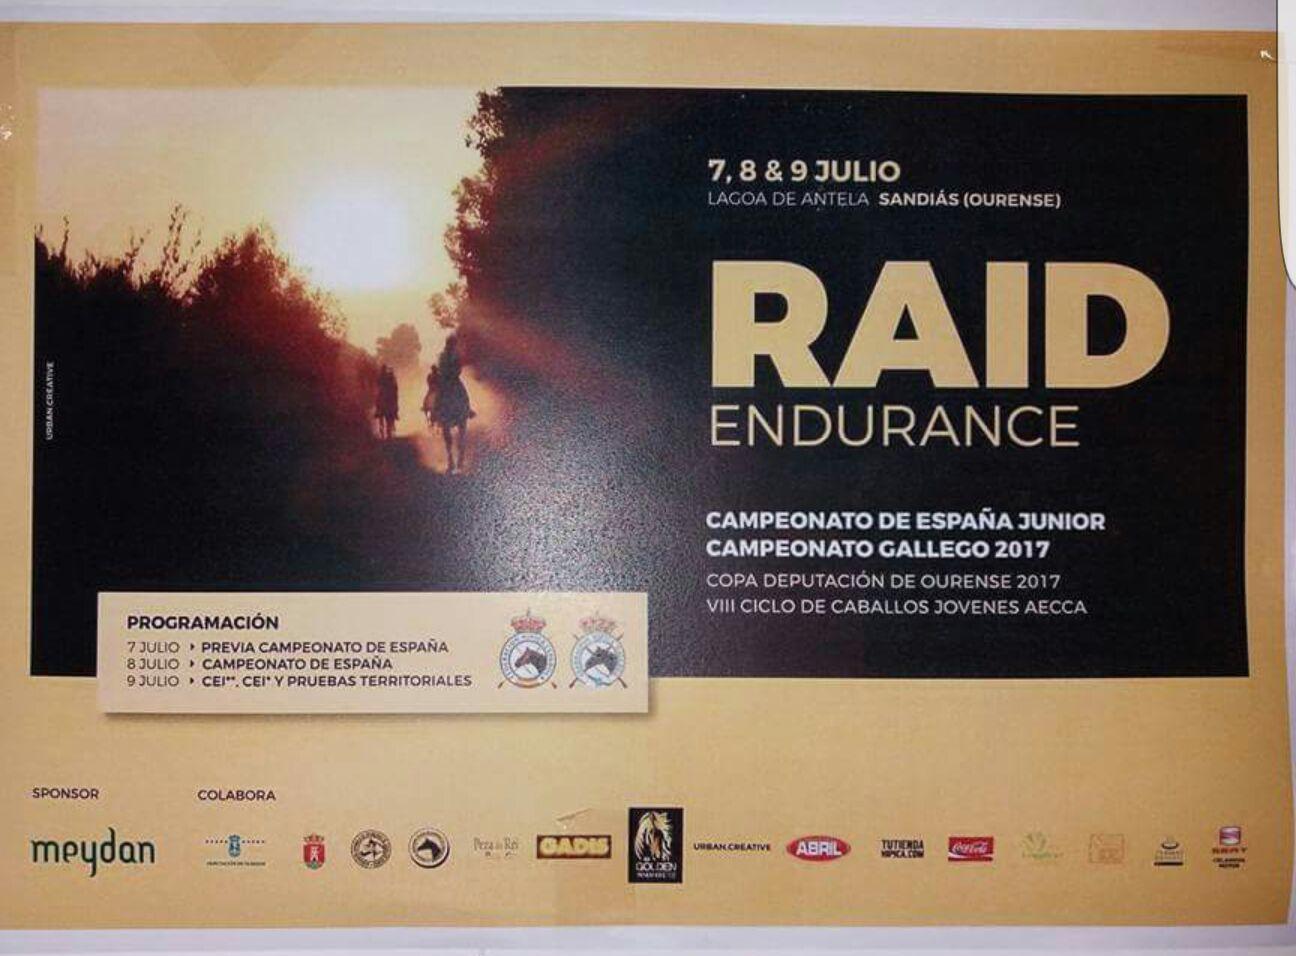 RAID ENDURANCE